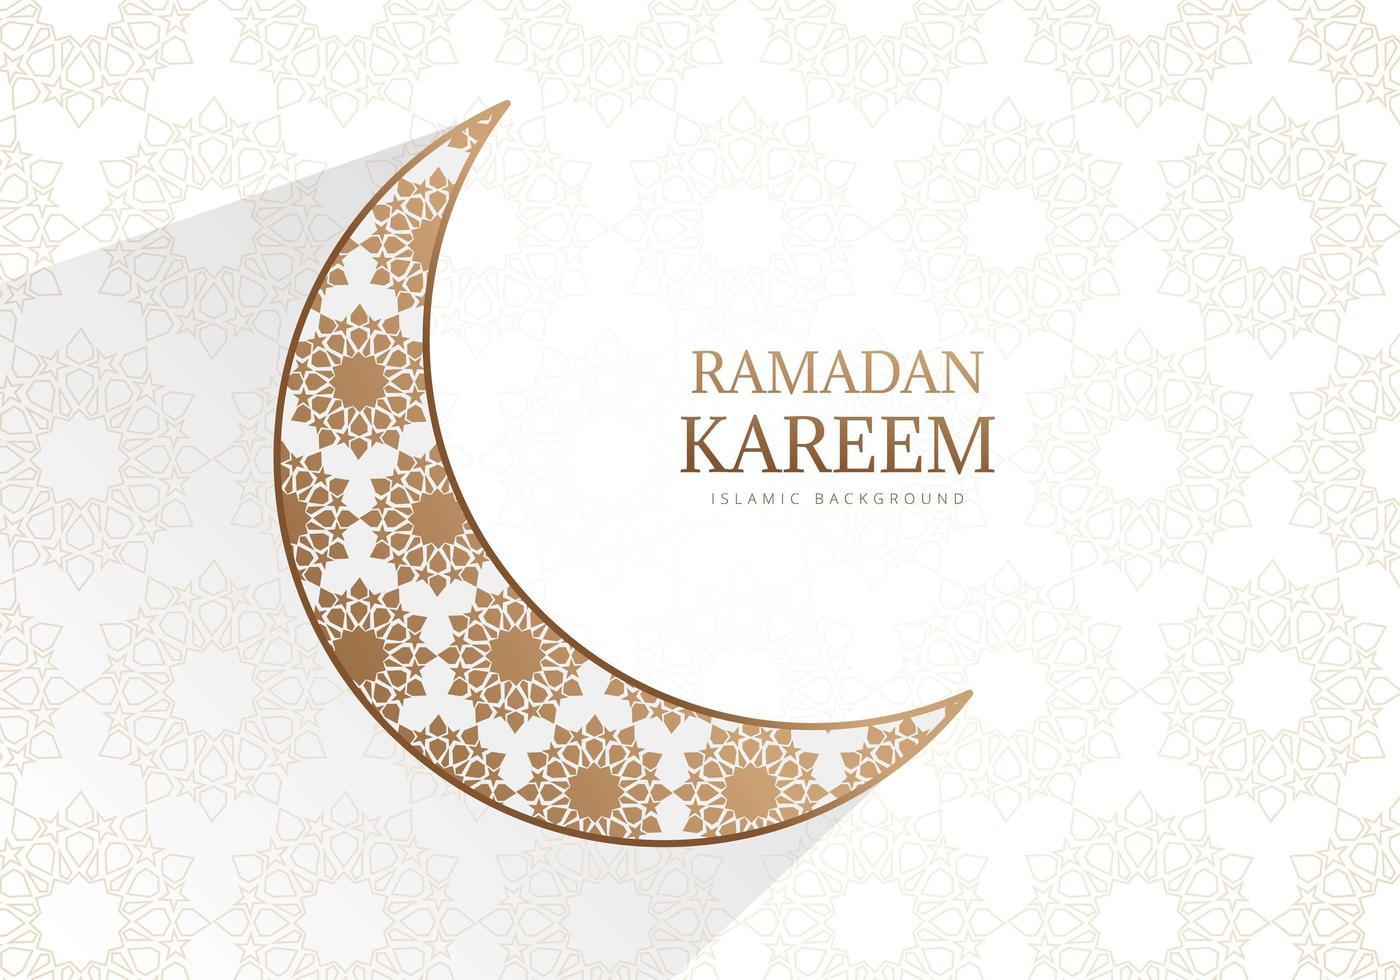 disegno a mezzaluna ornato dorato ramadan kareem vettore